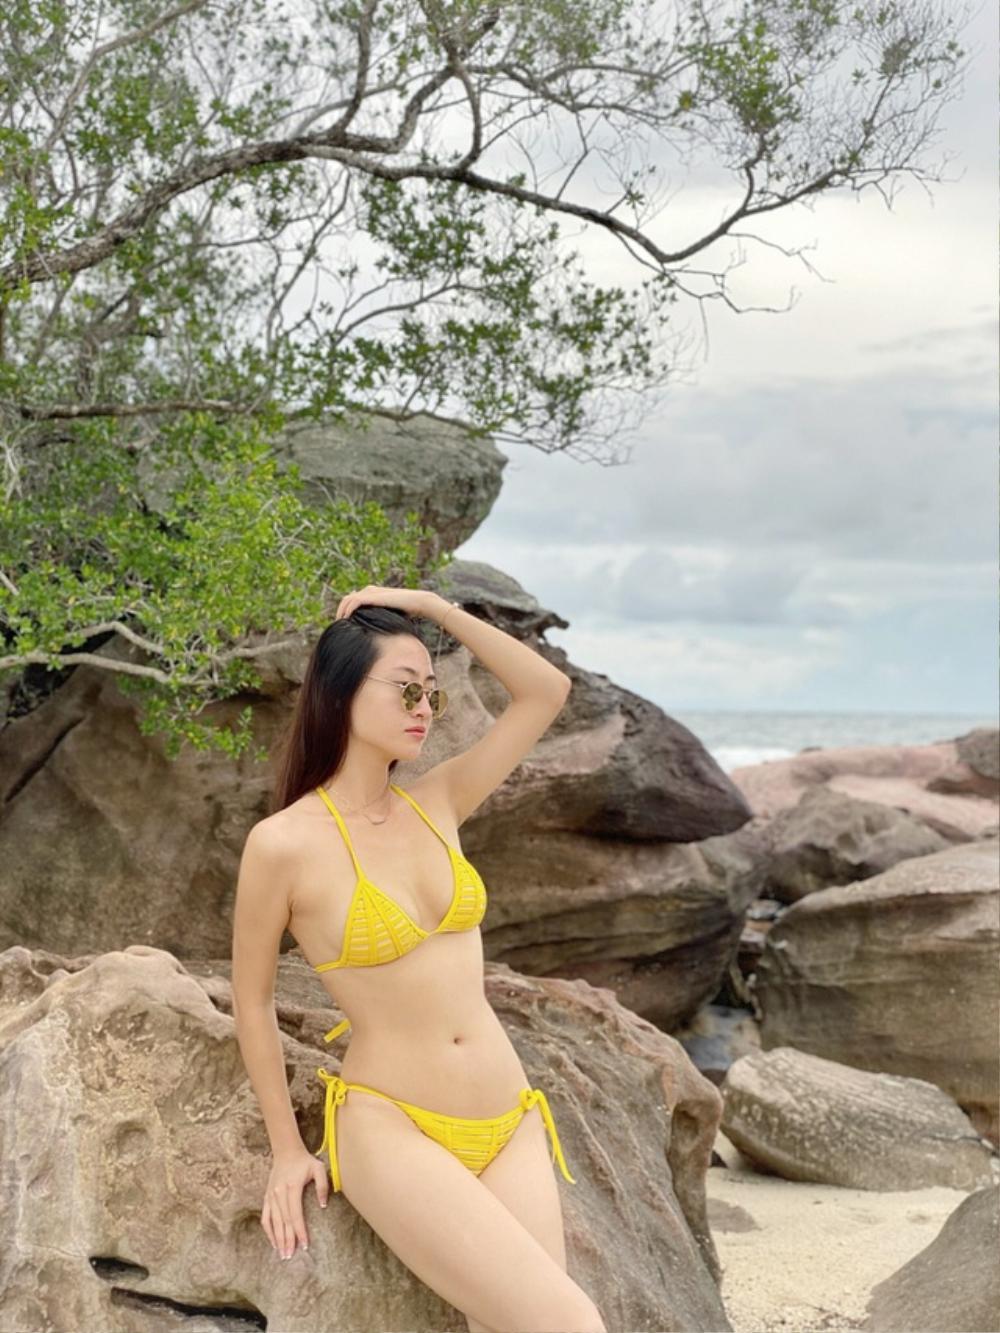 Khoe ảnh diện bikini, Lương Thùy Linh 'hớp hồn' fan bởi đôi chân 'cực phẩm', thắt eo con kiến Ảnh 5